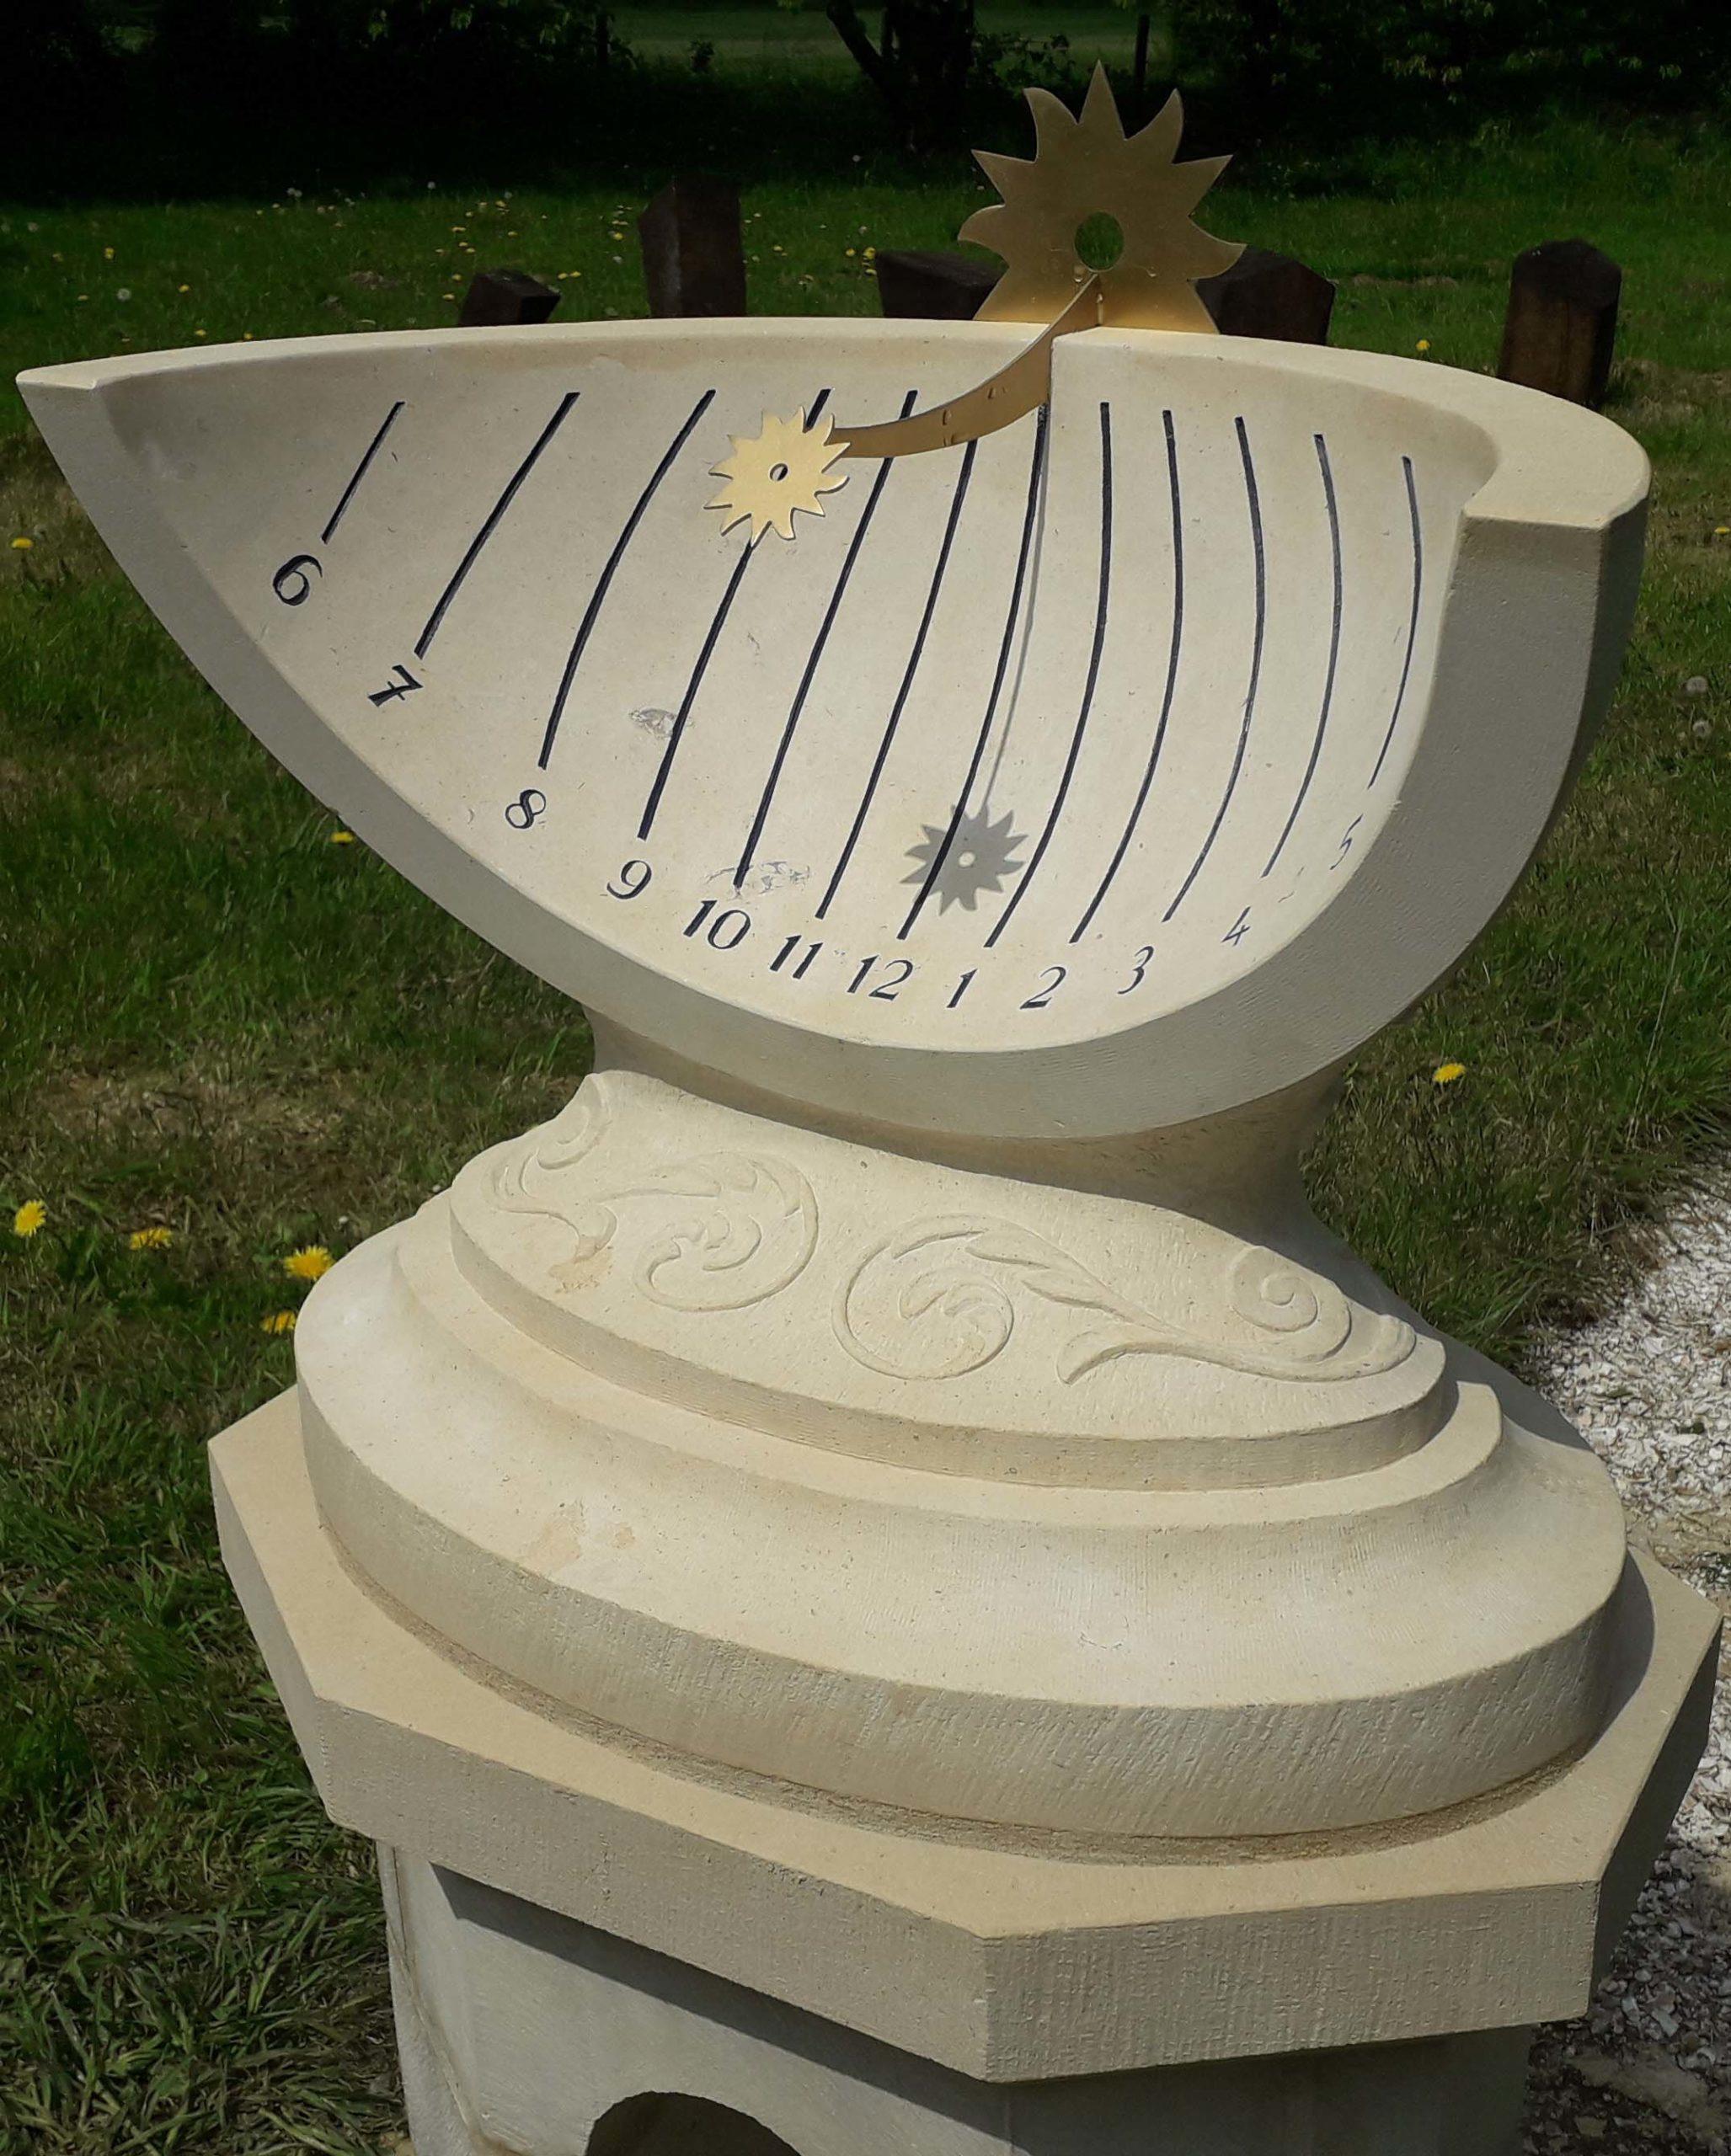 Cadran solaire en pierre de Caen, style en laiton. Sculpture sur le derrière d'une feuille d'acanthe.